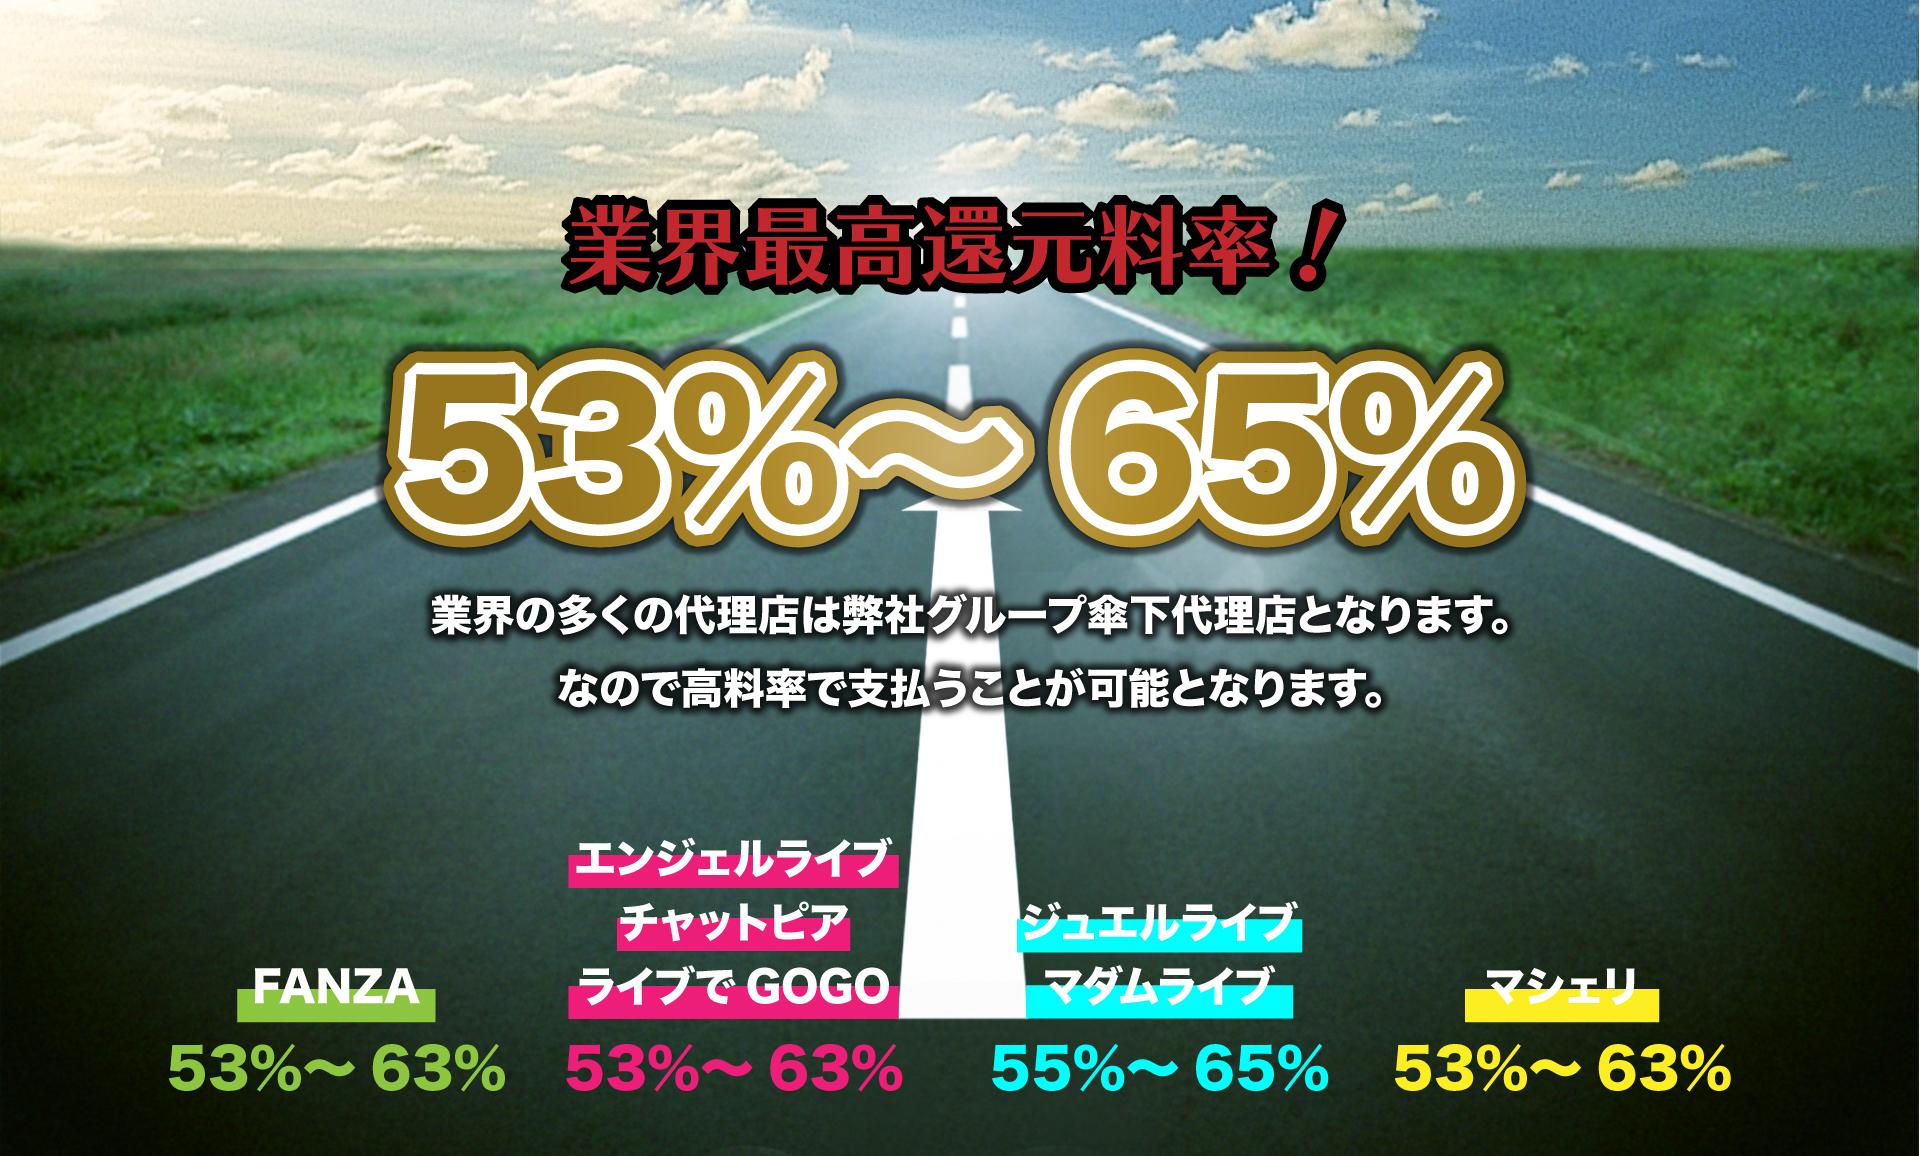 業界最高還元料率!53%~65%!